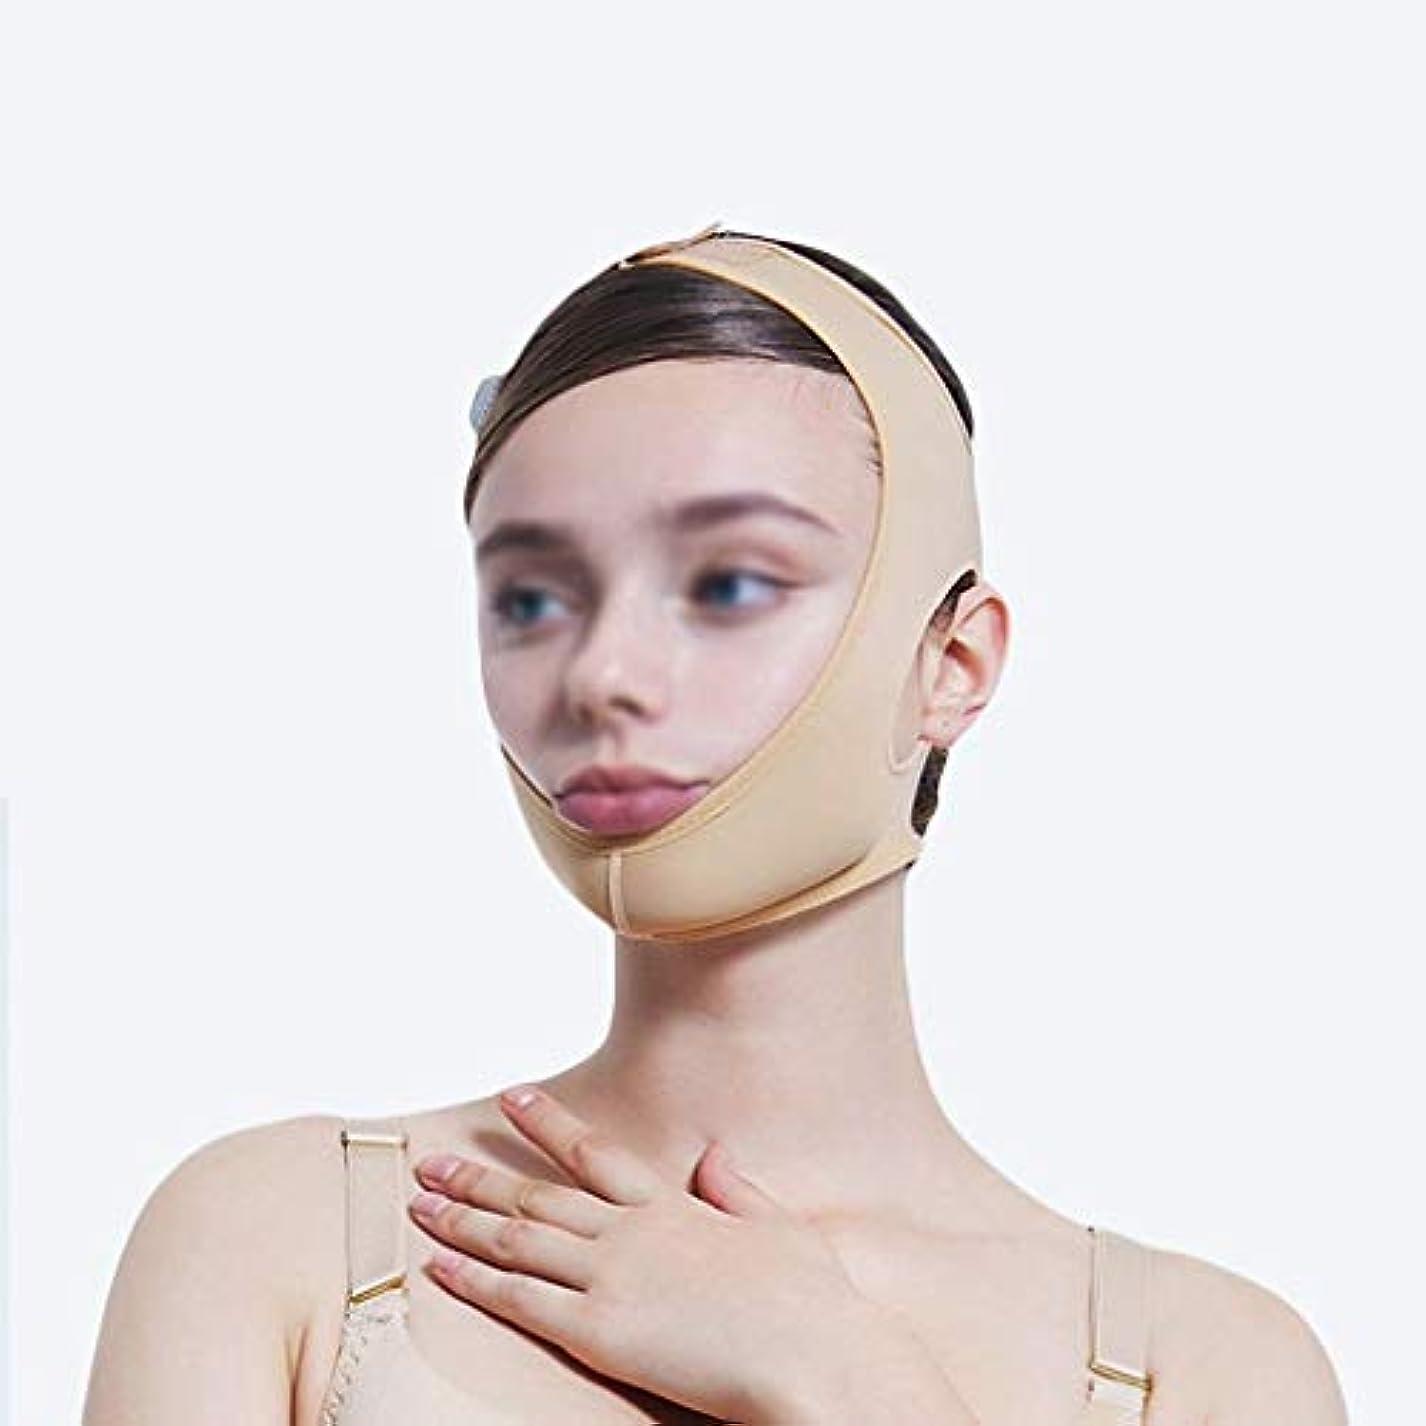 フェザー日効果的にフェイシャルライン、頬、しわ防止フェイシャル減量、フェイスバンド、フェイスマスク、フェイスリフティング、通気性、ダブルチンストラップ(サイズ:XXL),ザ?